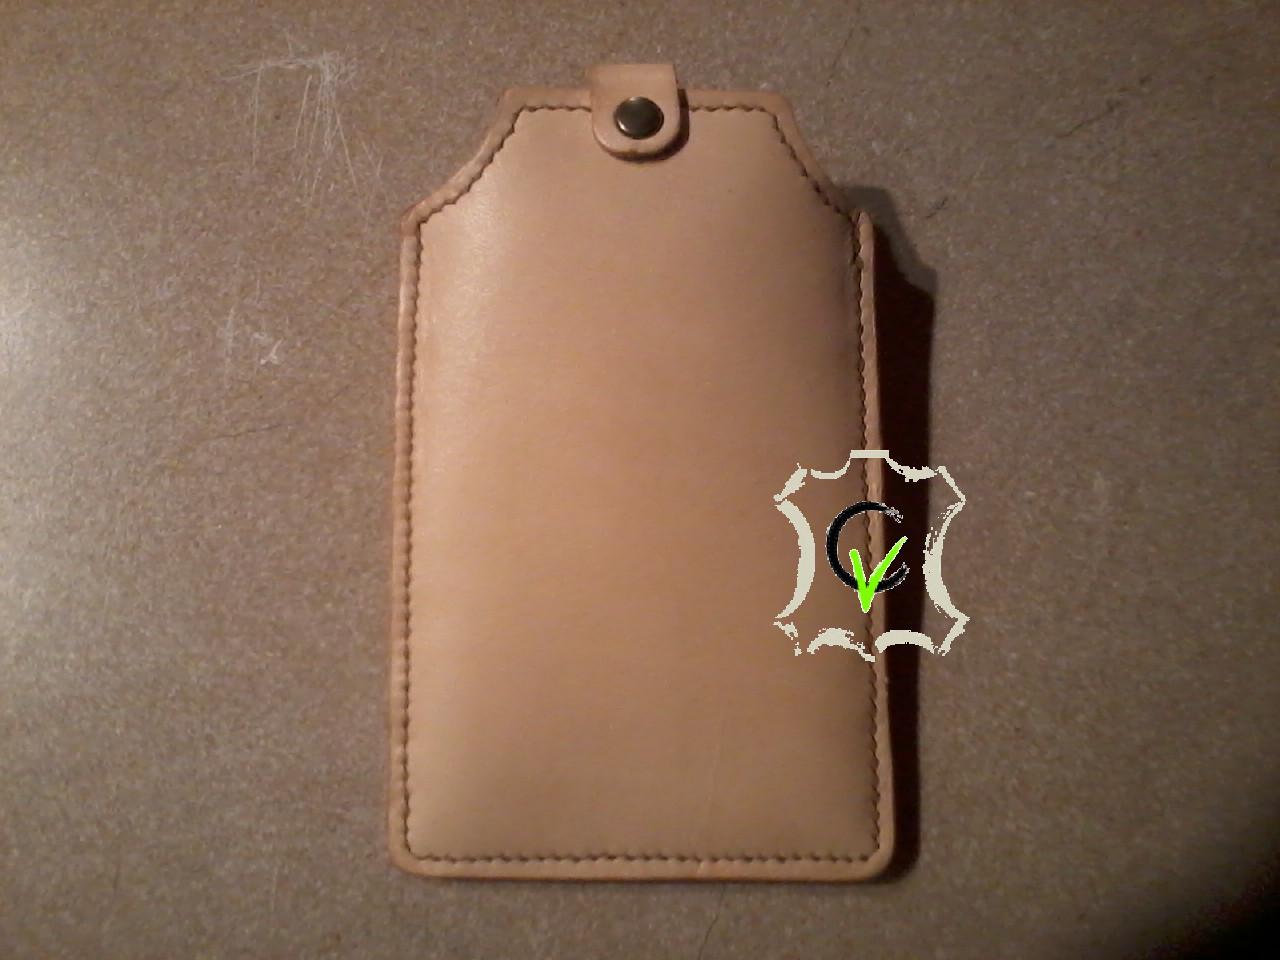 étui à smartphone en cuir tannage végétal doublé cousu main avec passant pour ceinture